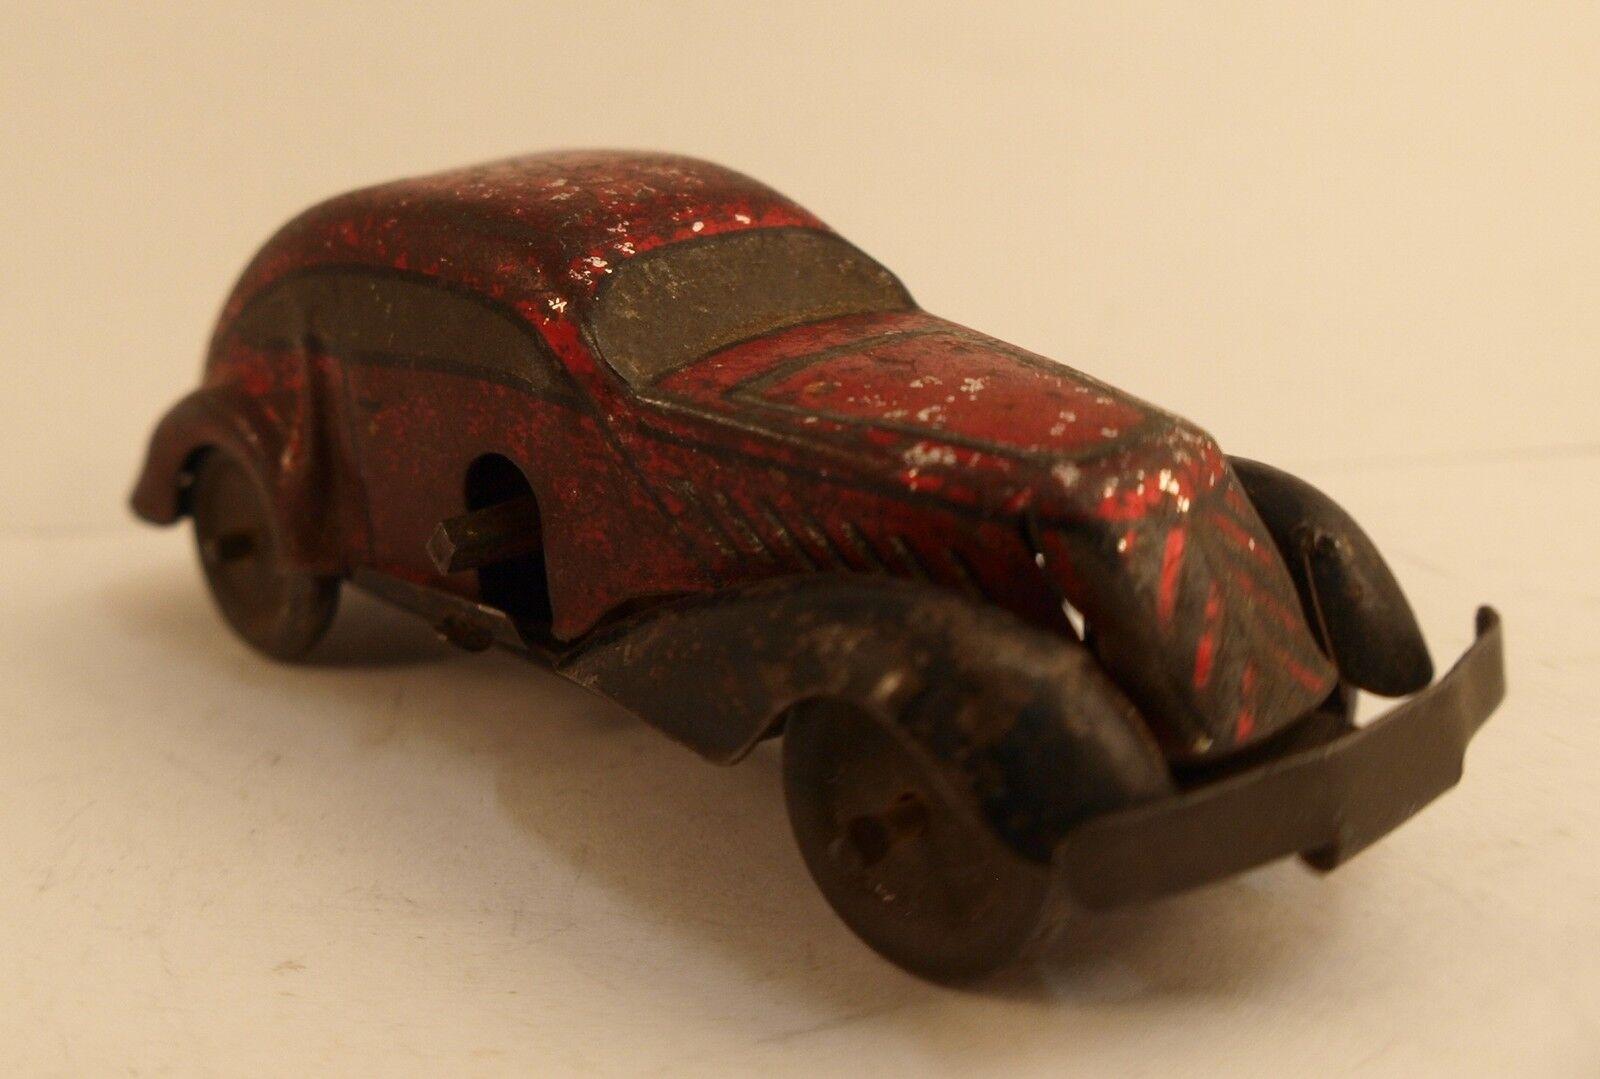 Cm Citroën Voiture 10 1930 Années À Rare En Tôle Moteur OnP8X0wk